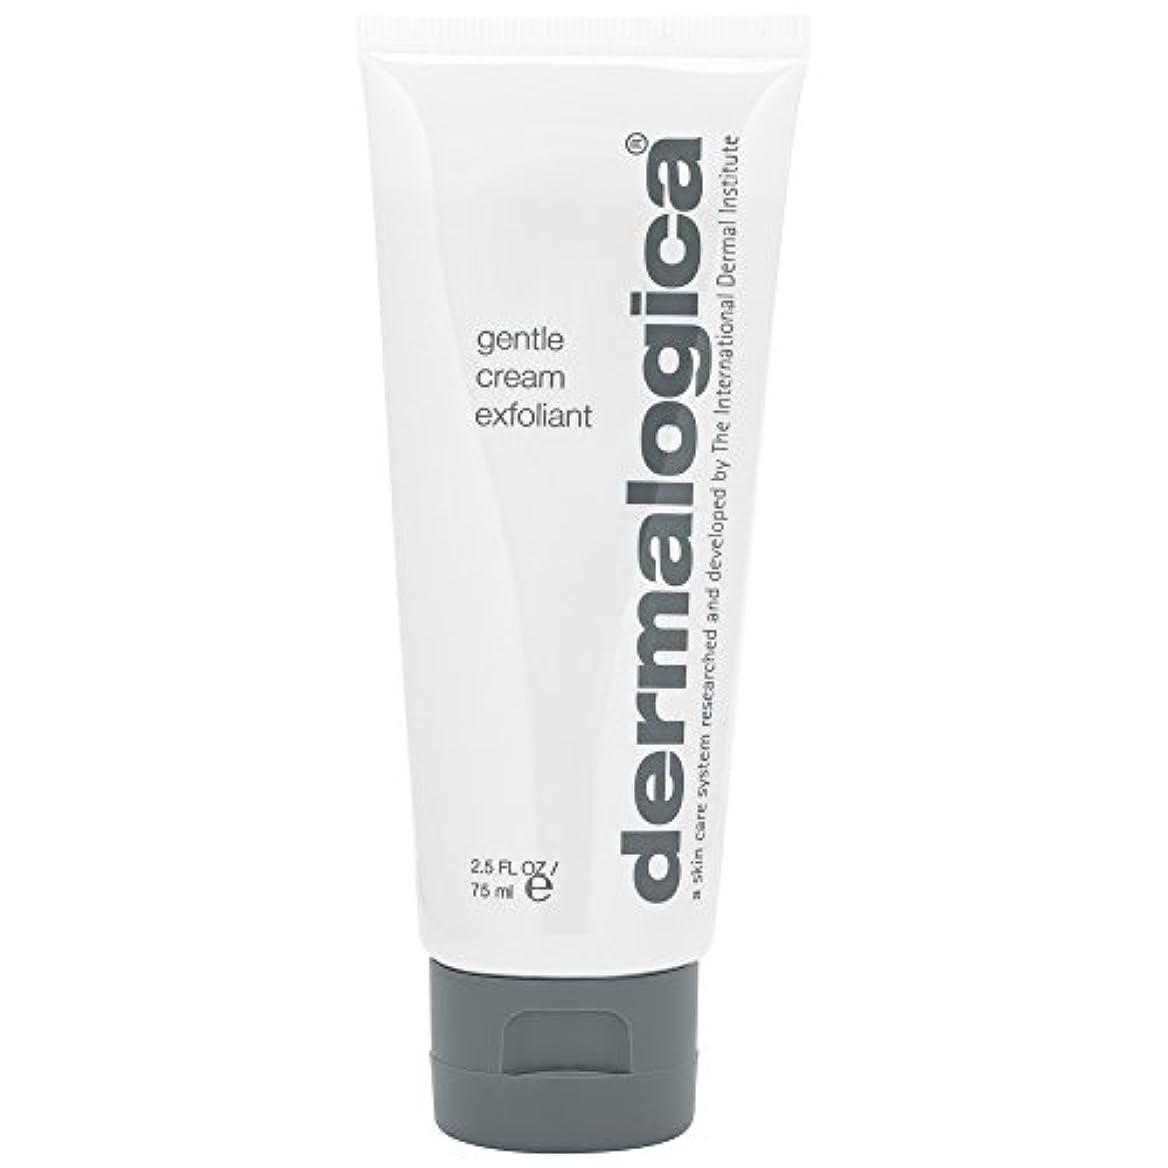 ダーマロジカ優しいクリーム剥脱75ミリリットル (Dermalogica) (x6) - Dermalogica Gentle Cream Exfoliant 75ml (Pack of 6) [並行輸入品]